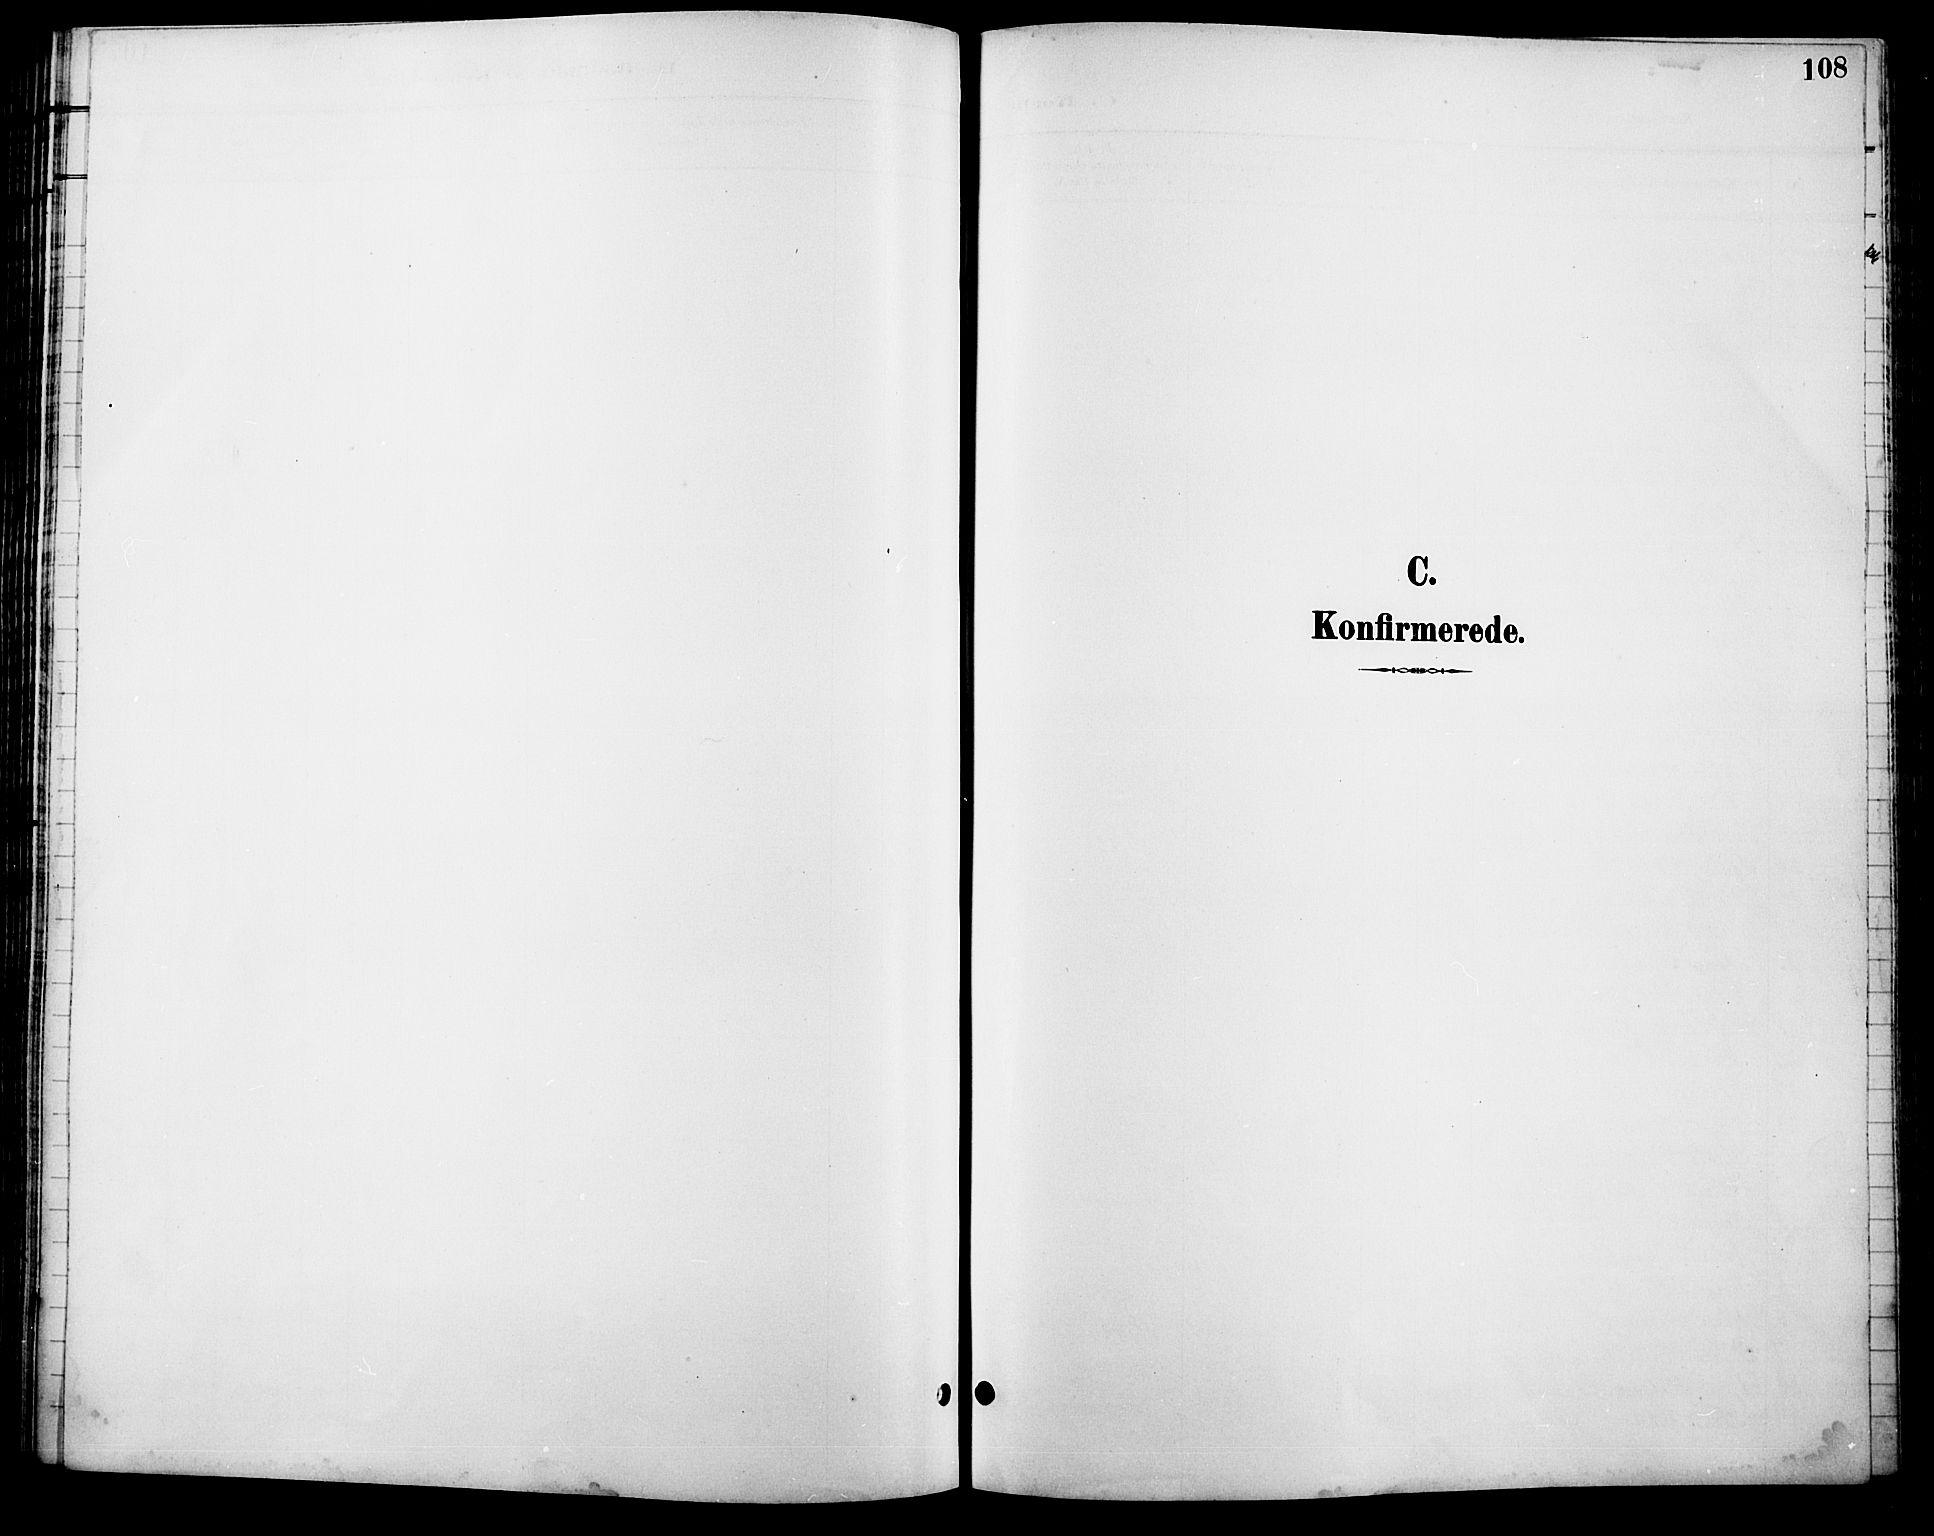 SAH, Lesja prestekontor, Parish register (copy) no. 7, 1895-1919, p. 108